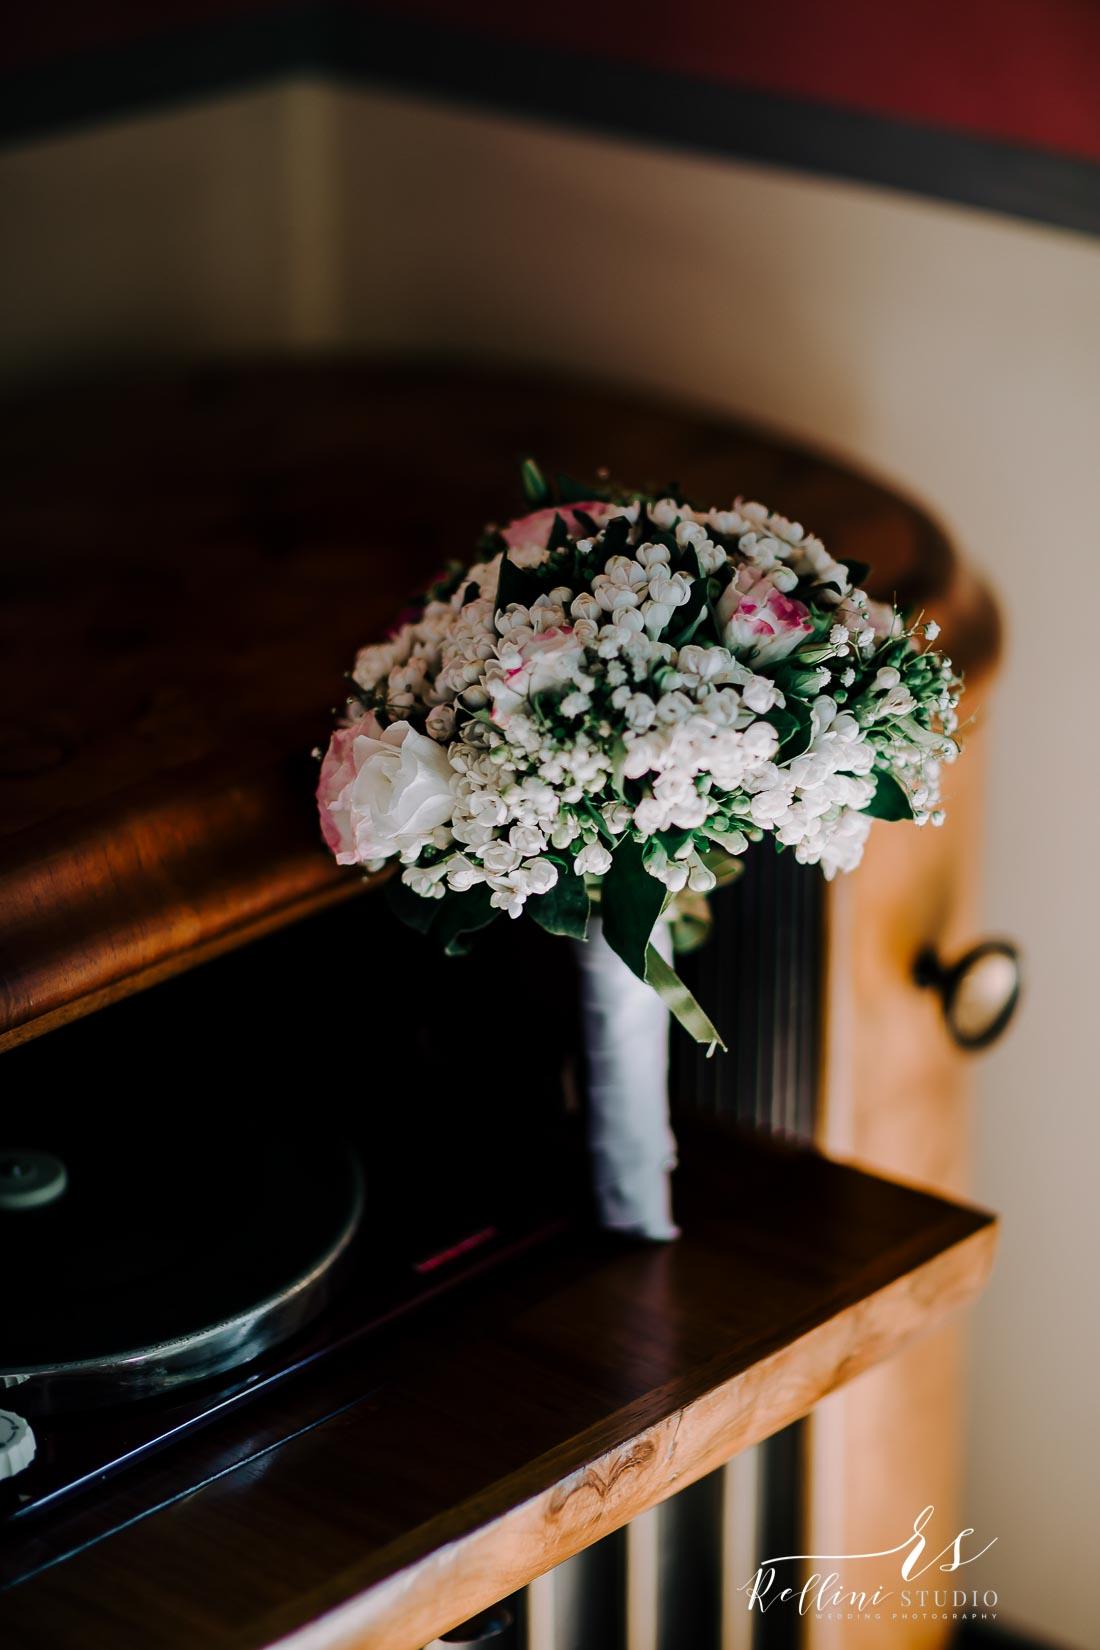 matrimonio Castello di Arechi Salerno 012.jpg